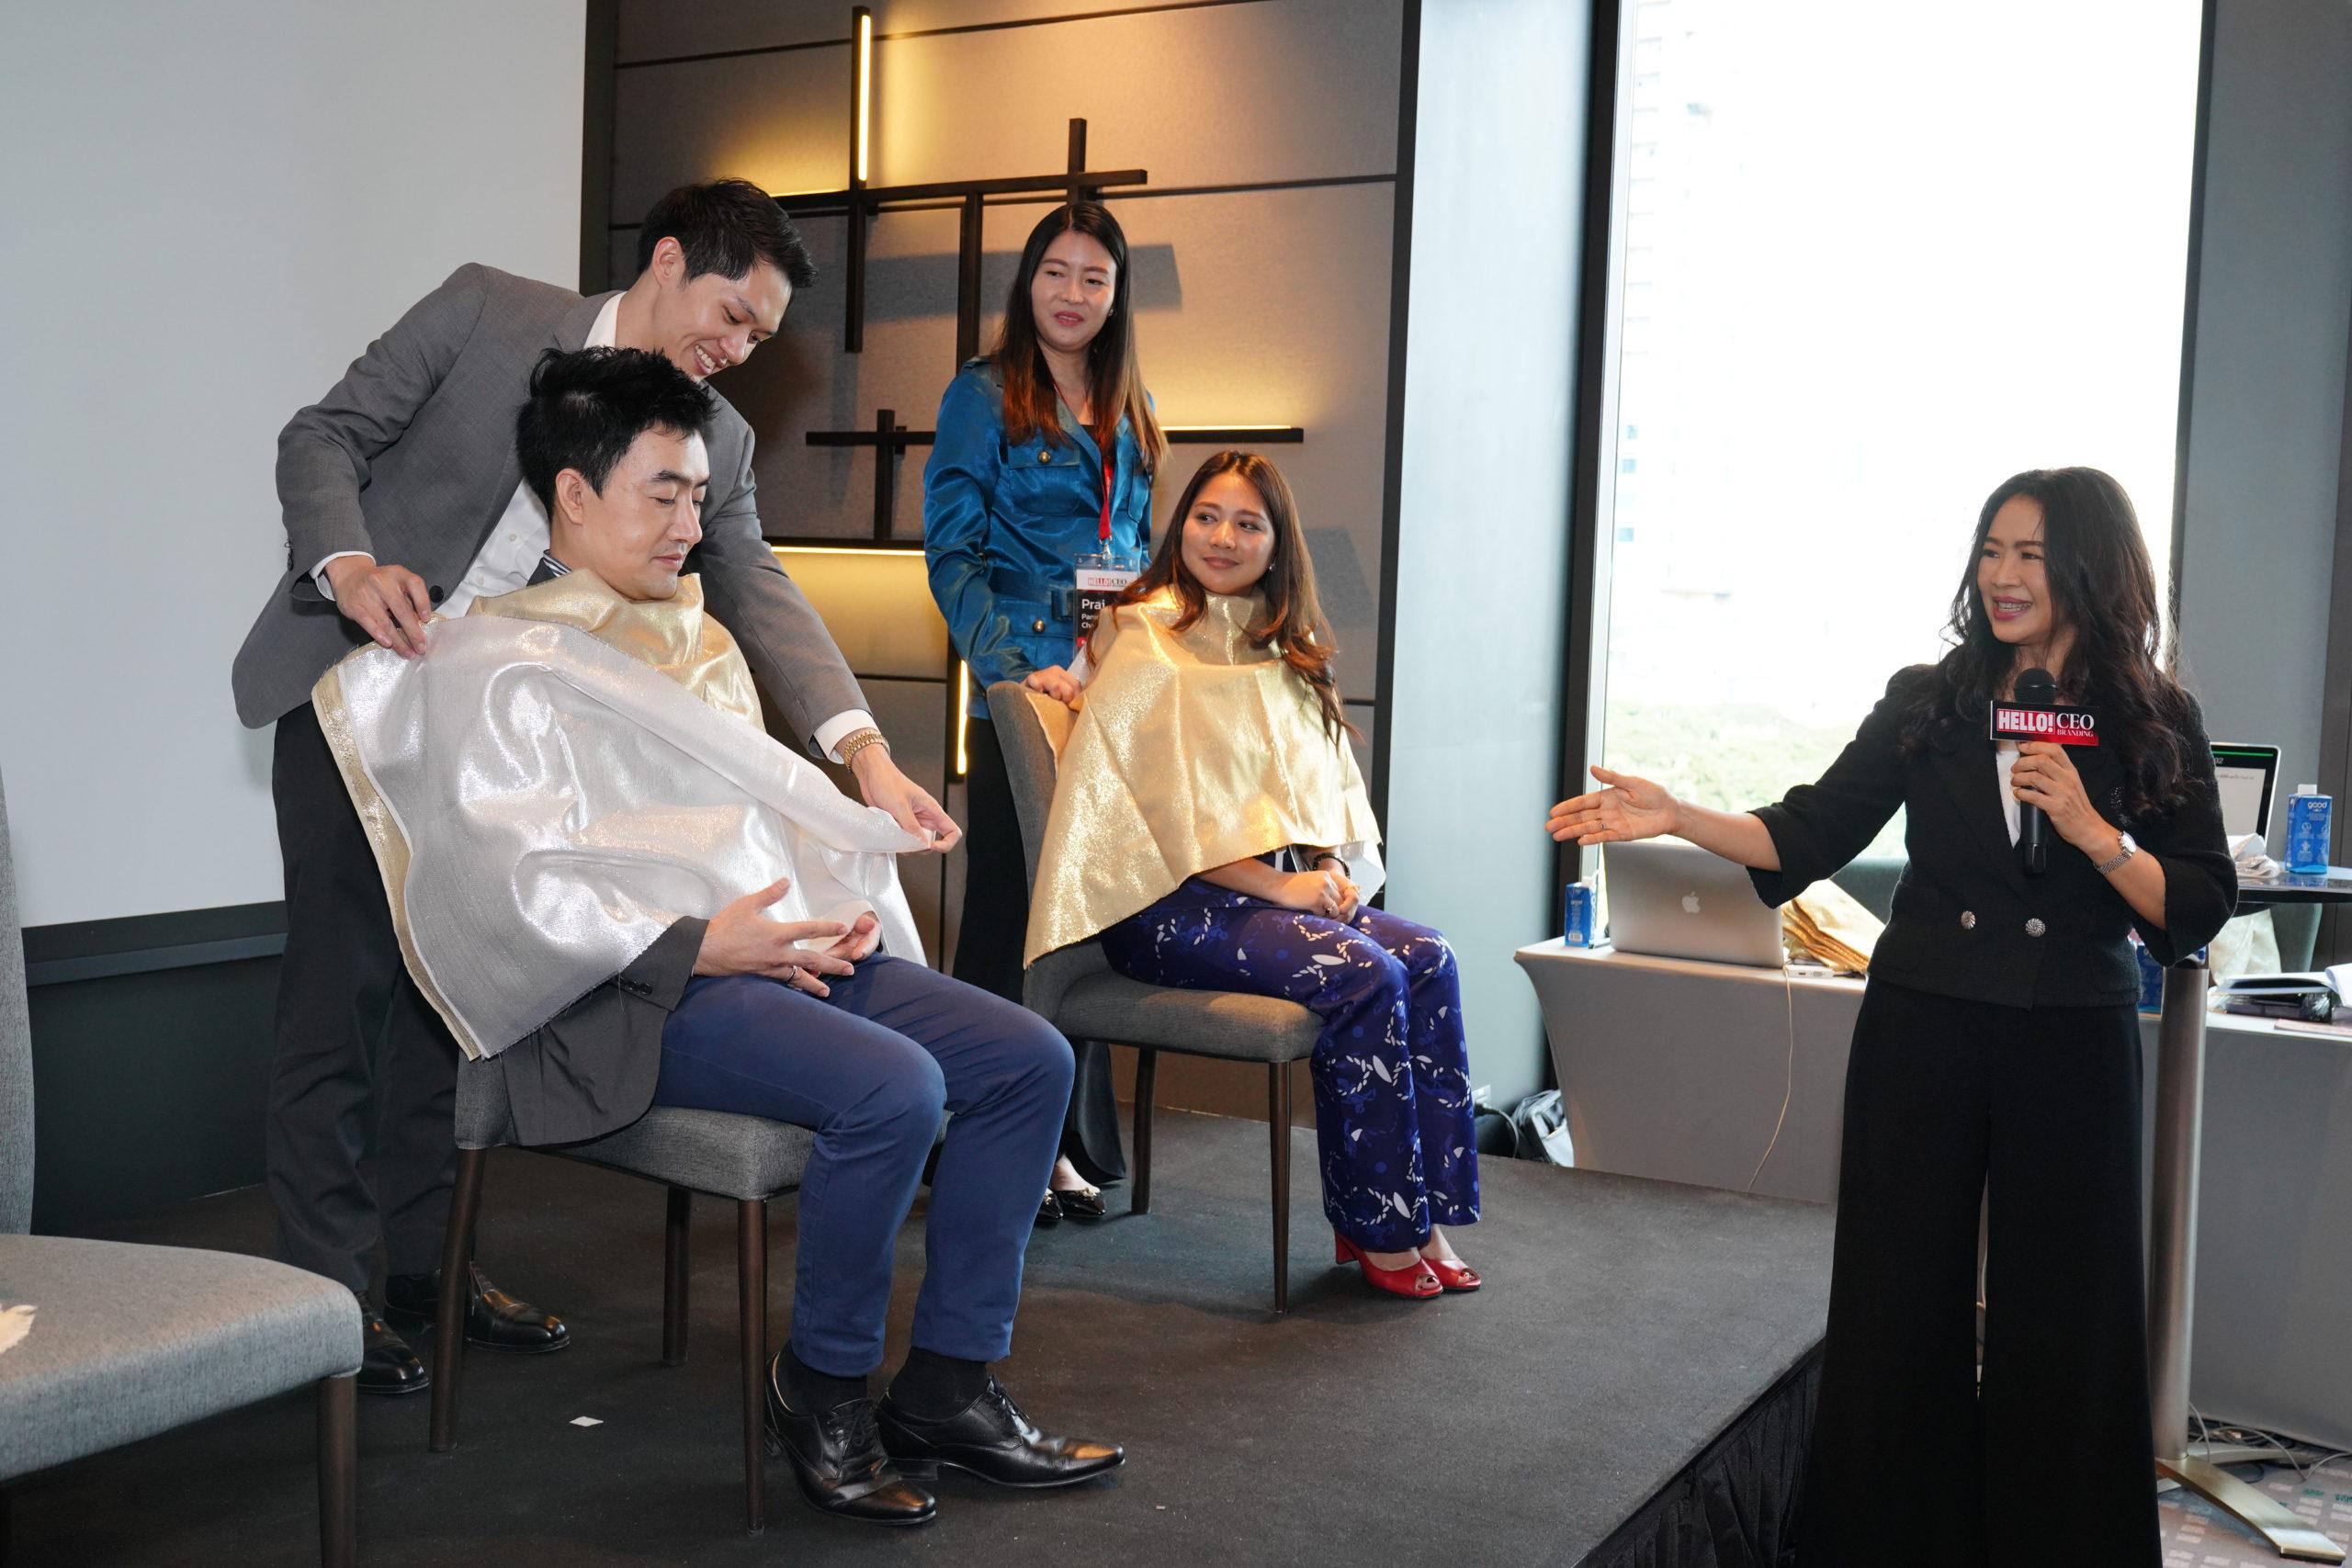 สมาชิก HELLO! CEO Branding ทดสอบสีผิว กับสีของเสื้อผ้า เพื่อการแต่งตัวให้เหมาะสม